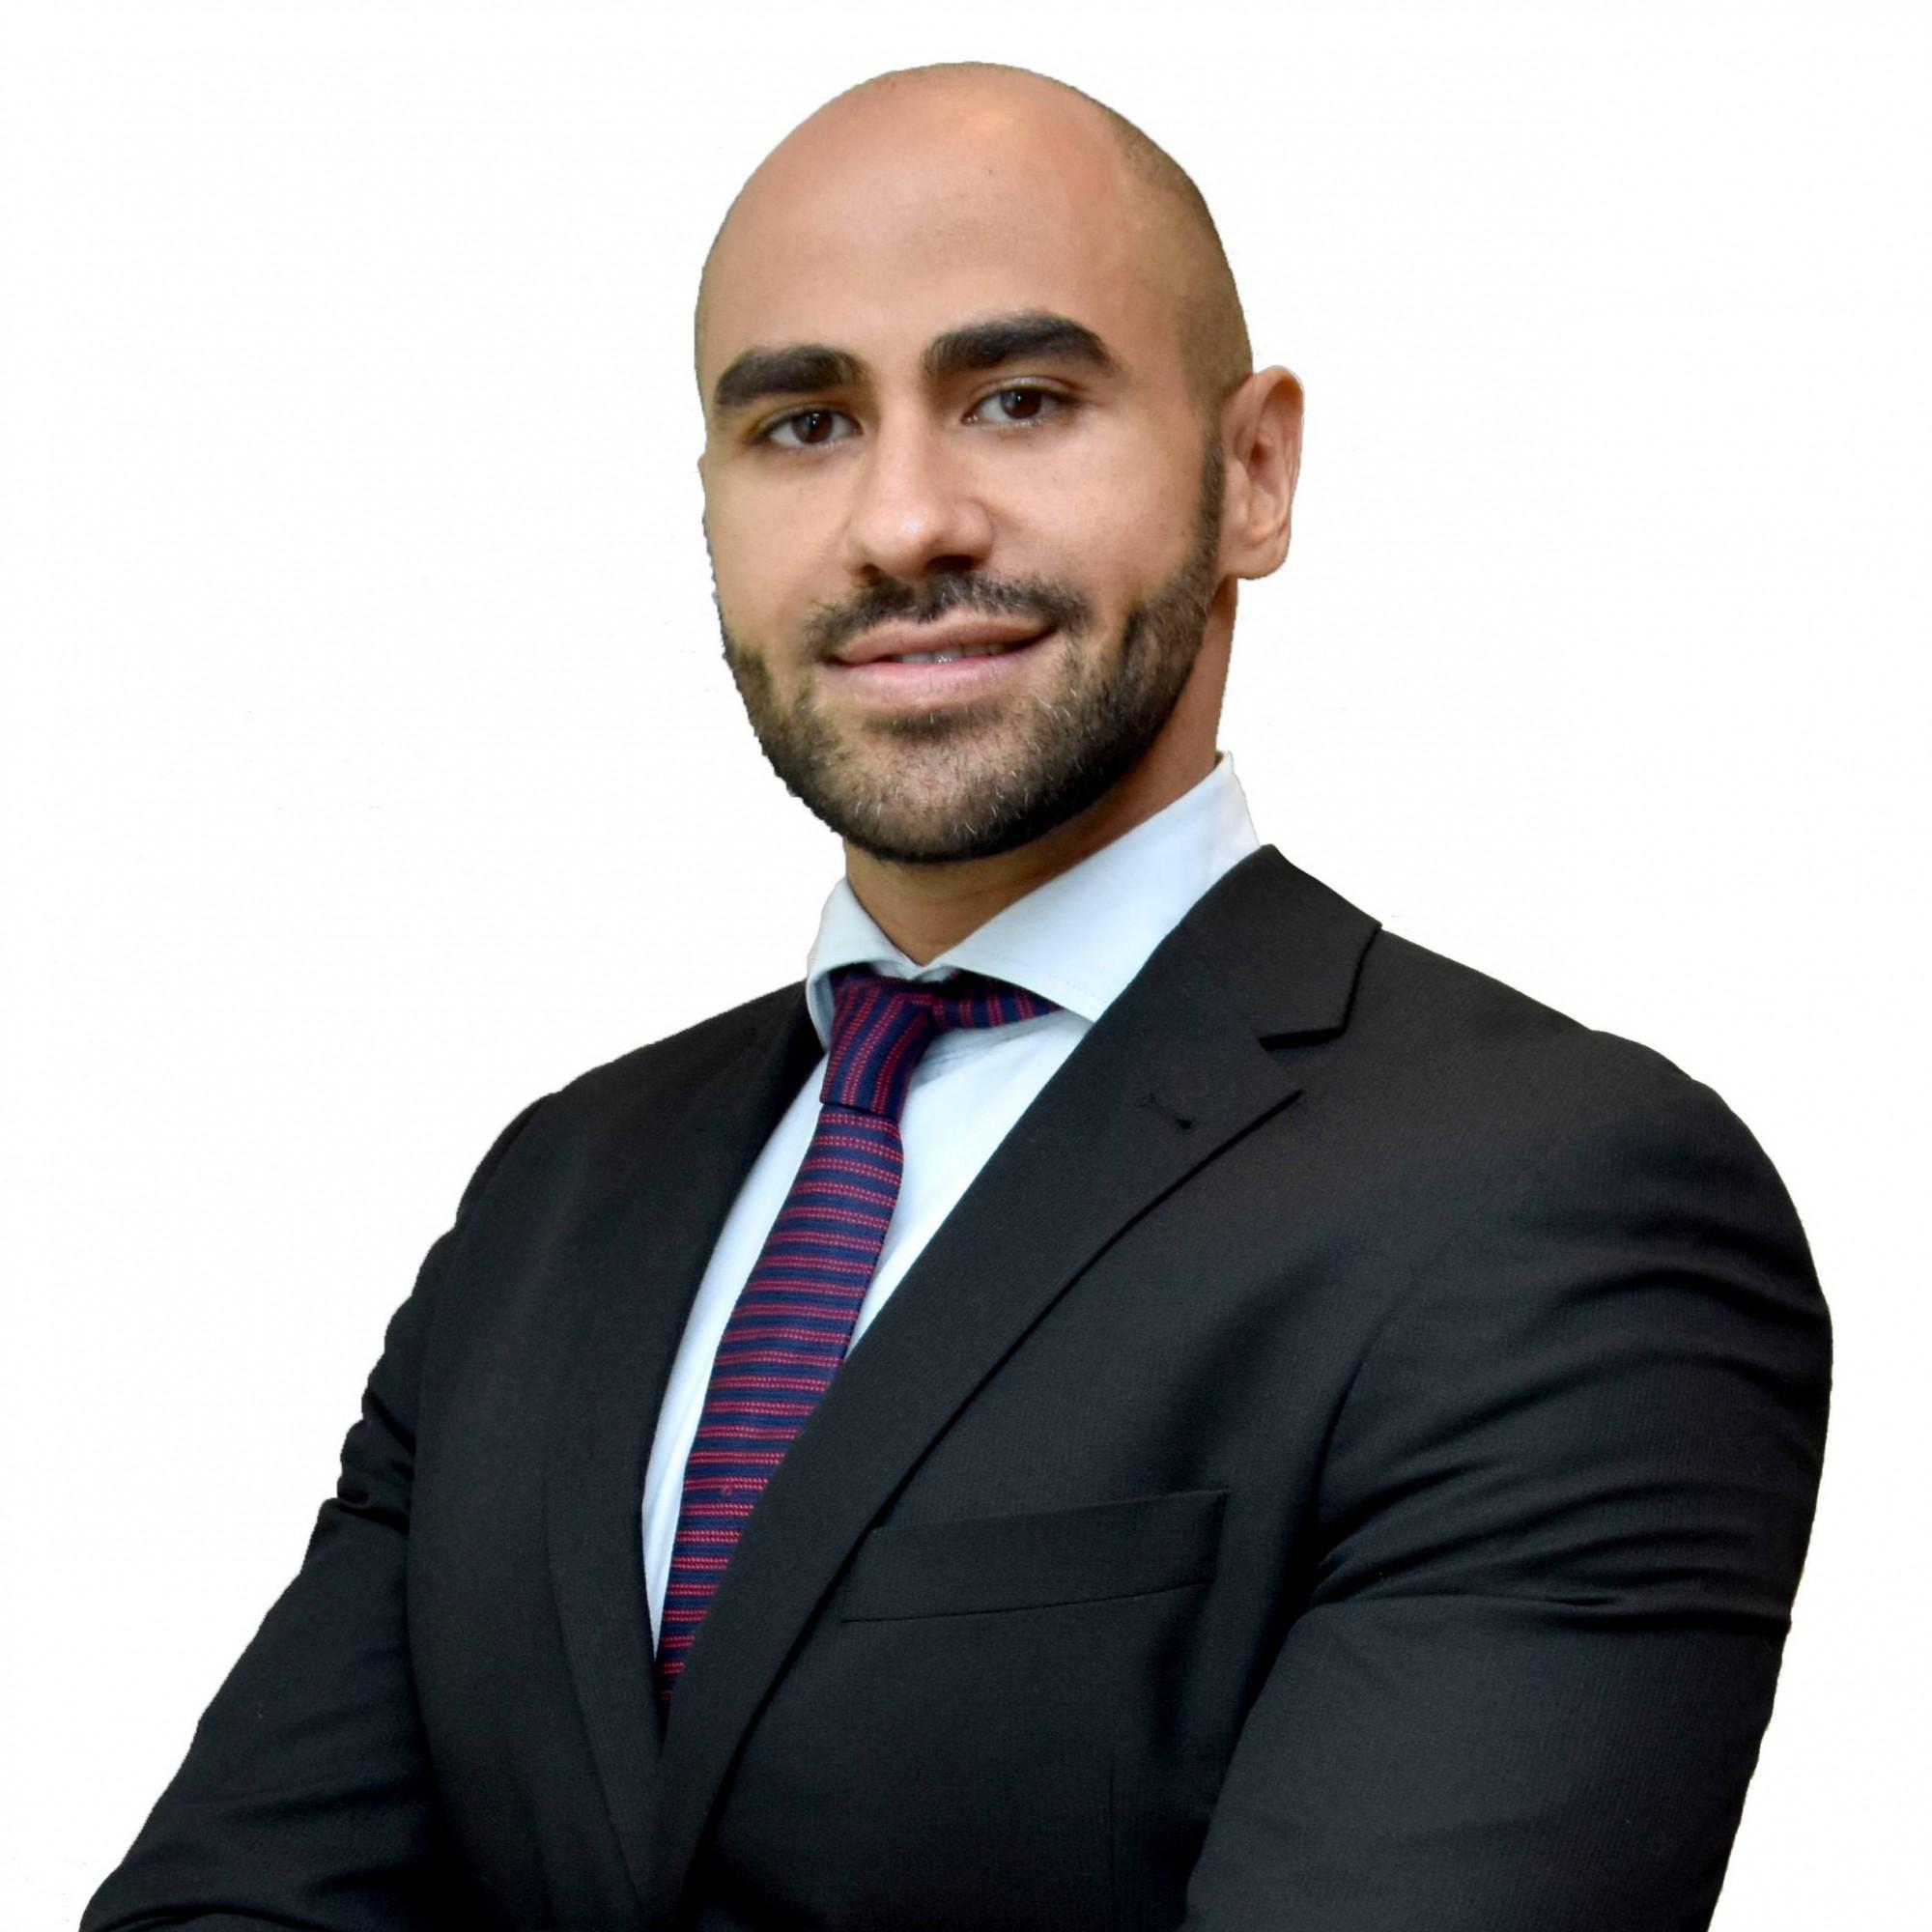 Omar Ahmed Emam